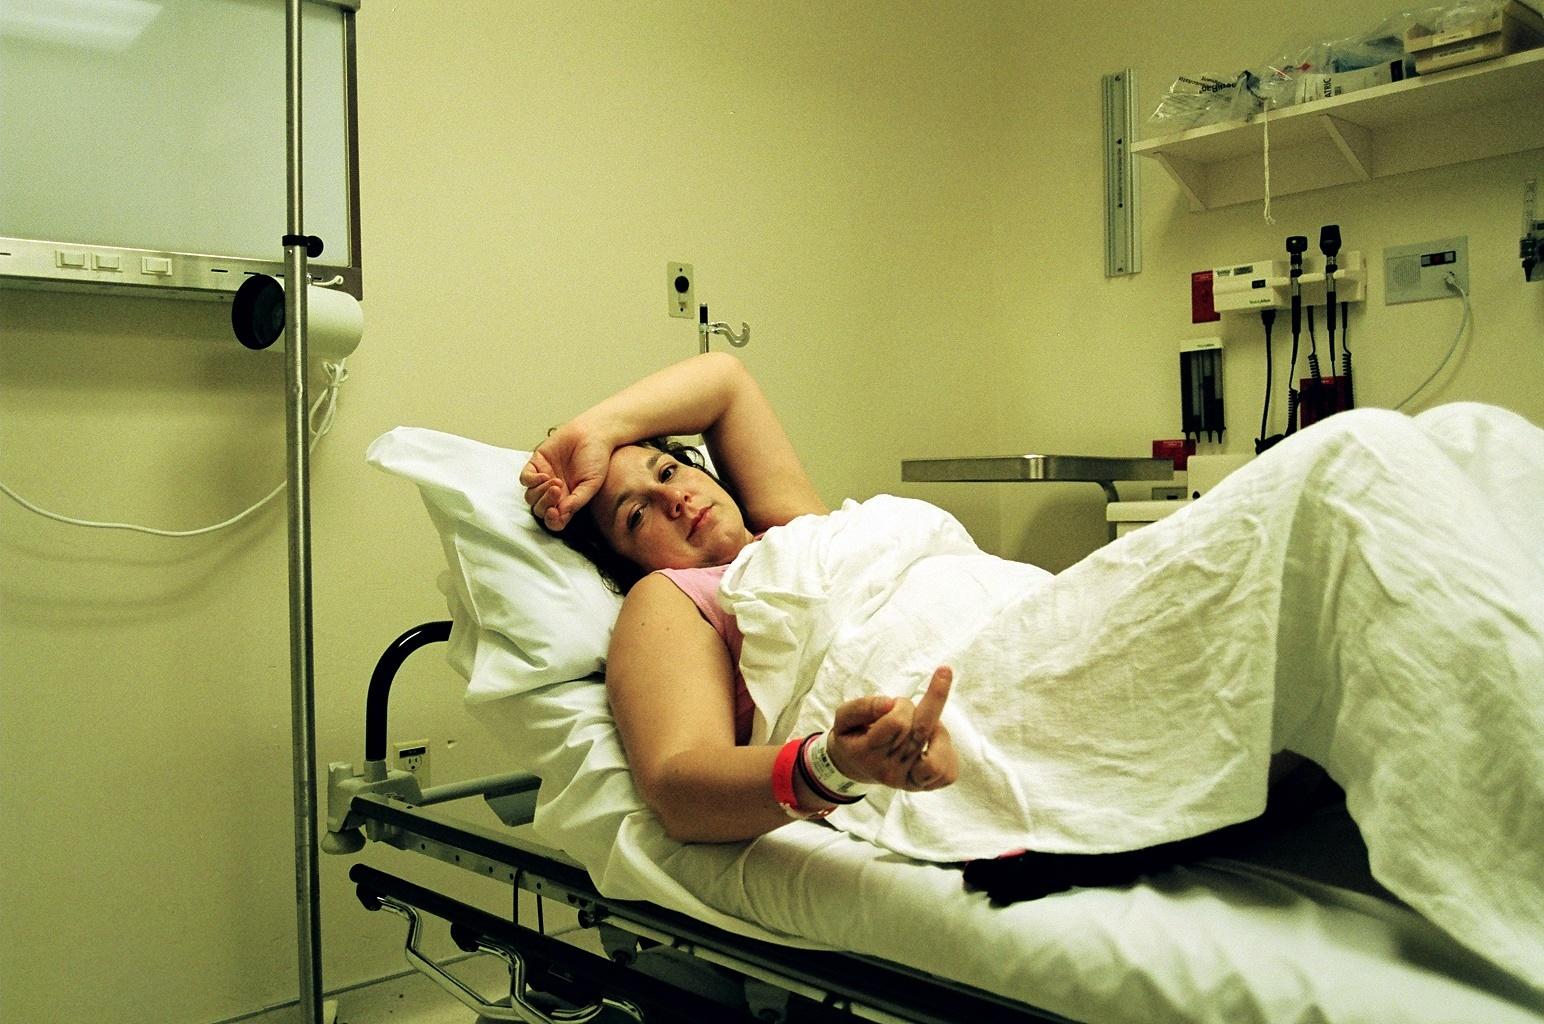 Az évi 99 ezer kórházi fertőzés 50-70 százaléka megelőzhető lenne